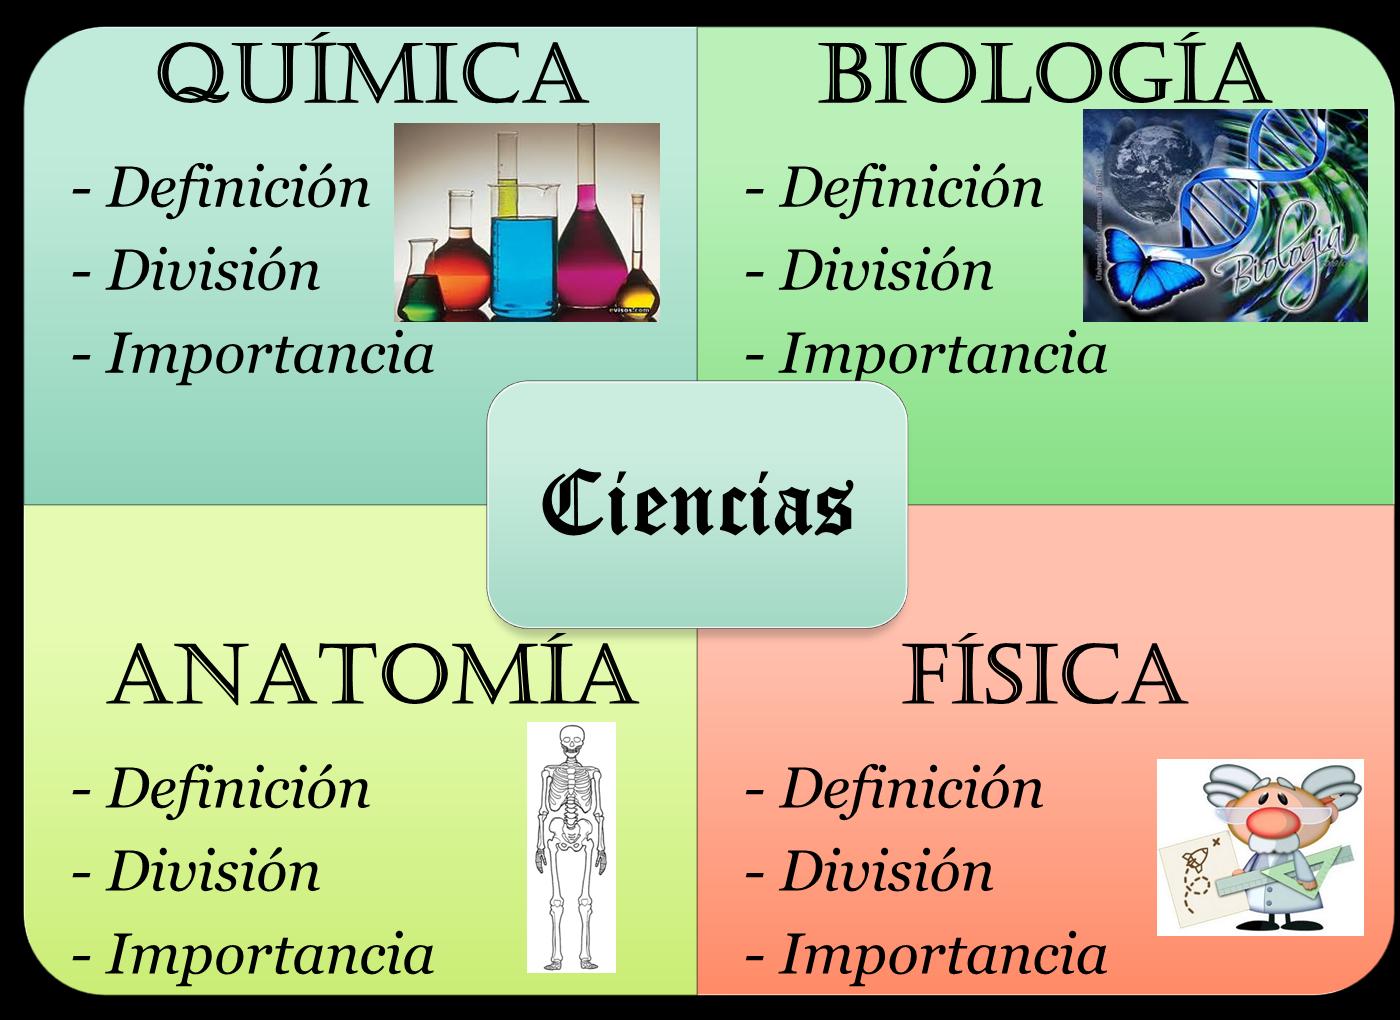 Fantástico Anatomía Biología Definición Modelo - Imágenes de ...